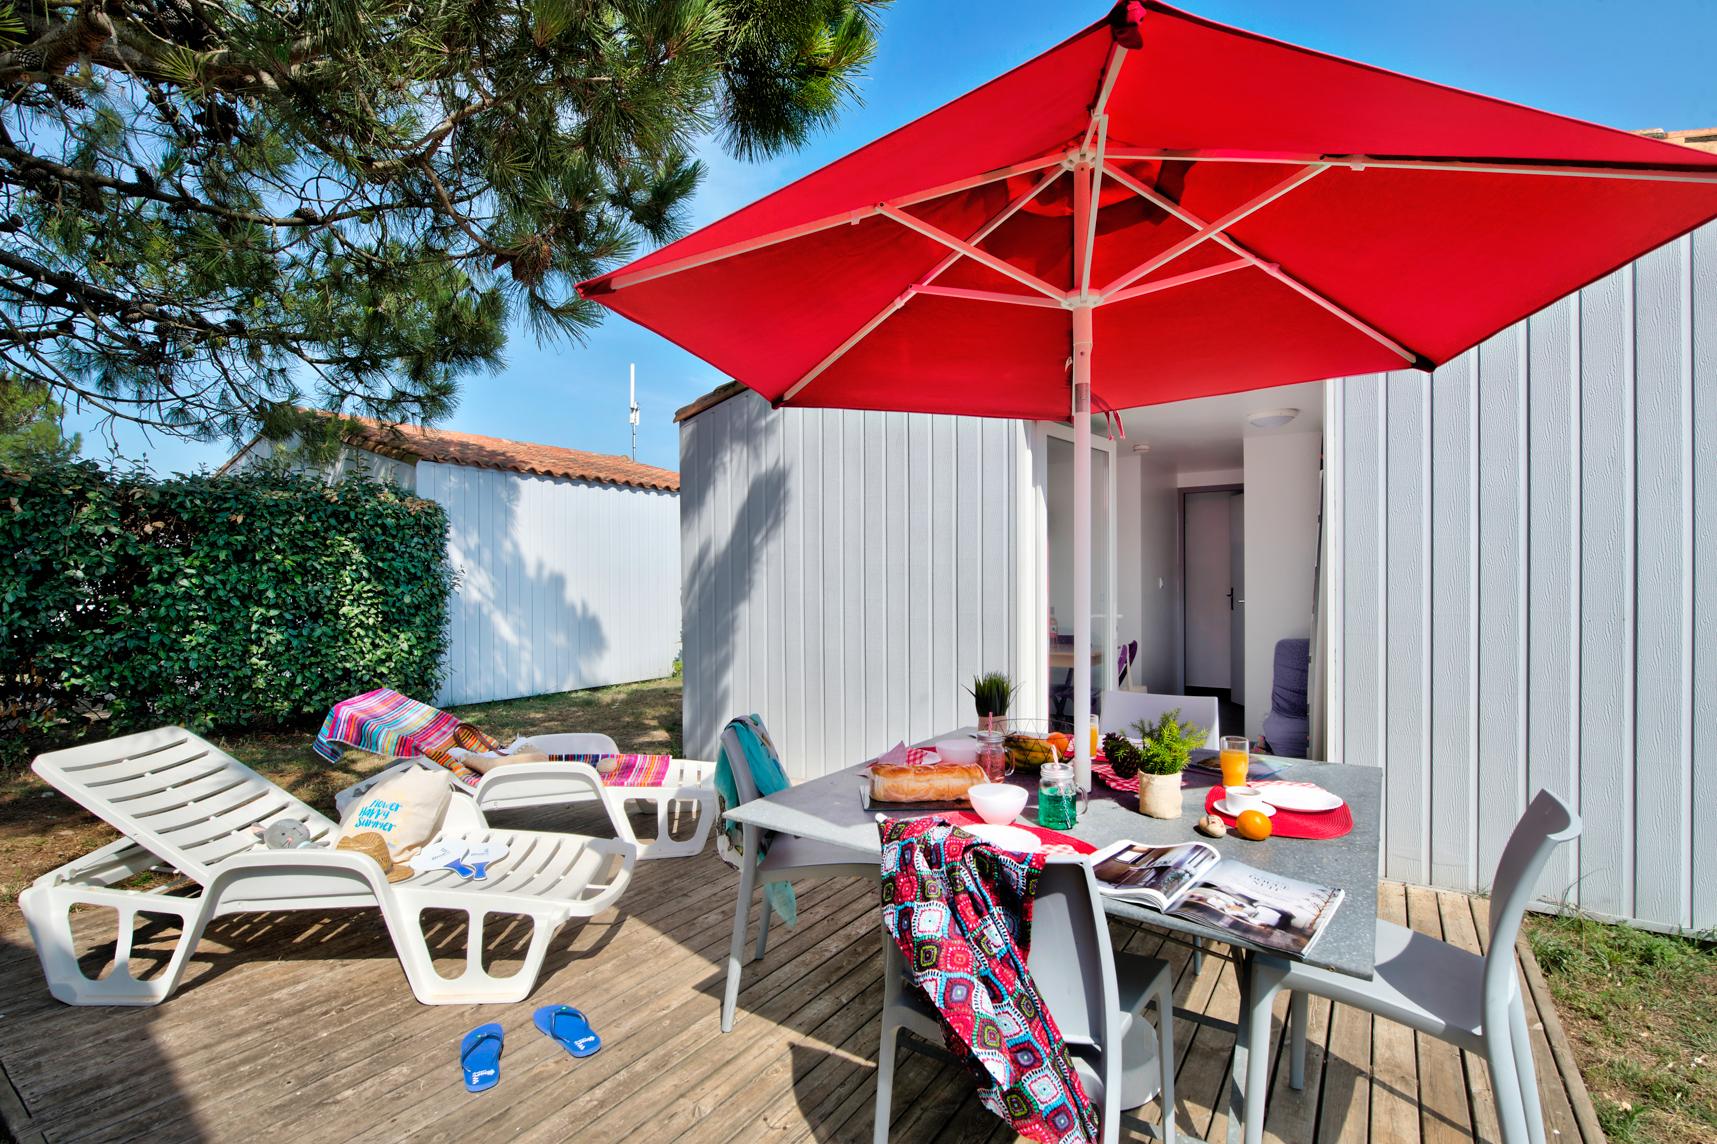 Maisonnette CONFORT  31m² (2 chambres) adaptée aux personnes à mobilité réduite + TV + terrasse